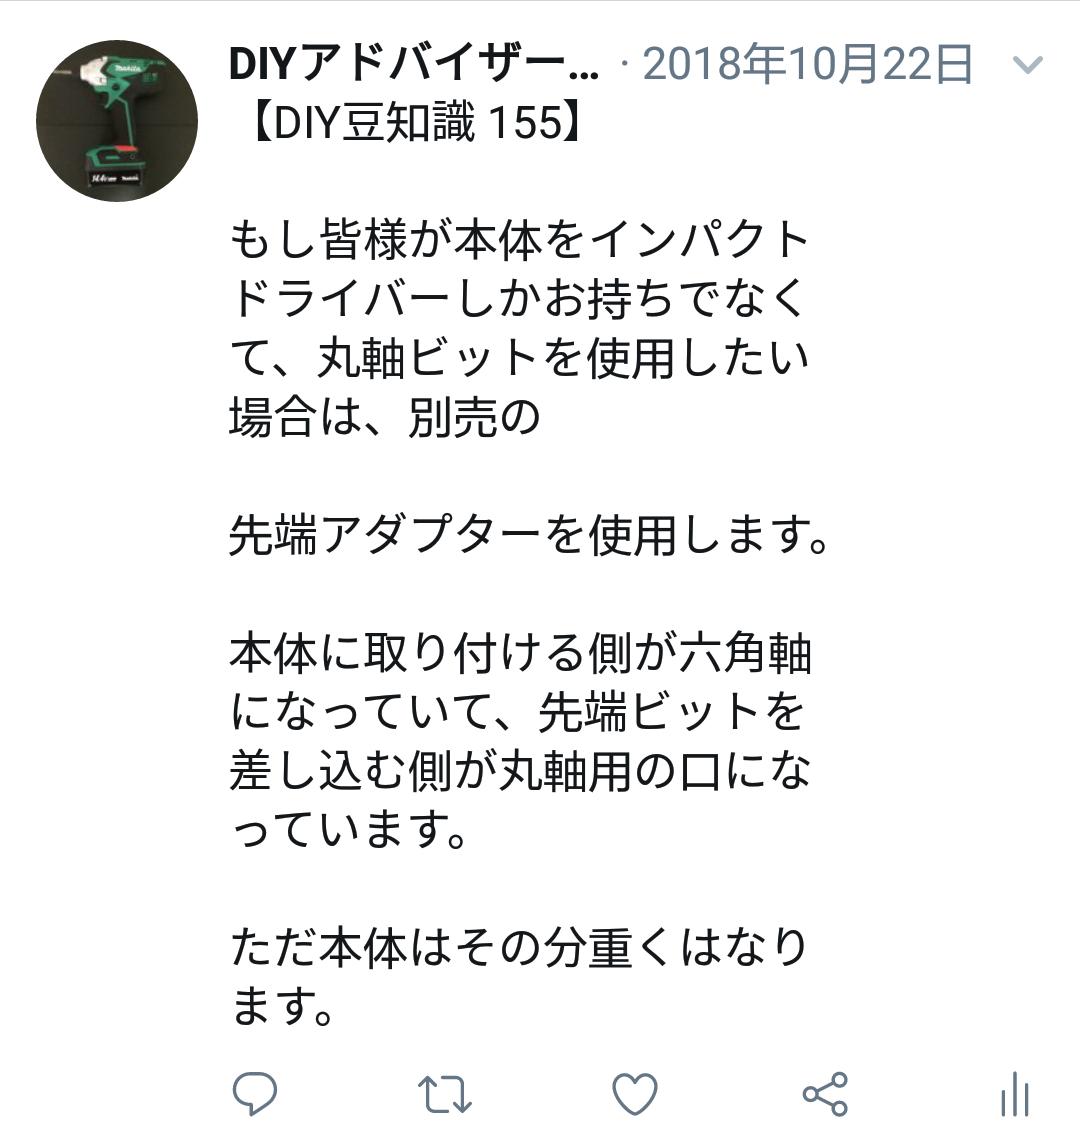 f:id:DIY33:20190406214920p:plain